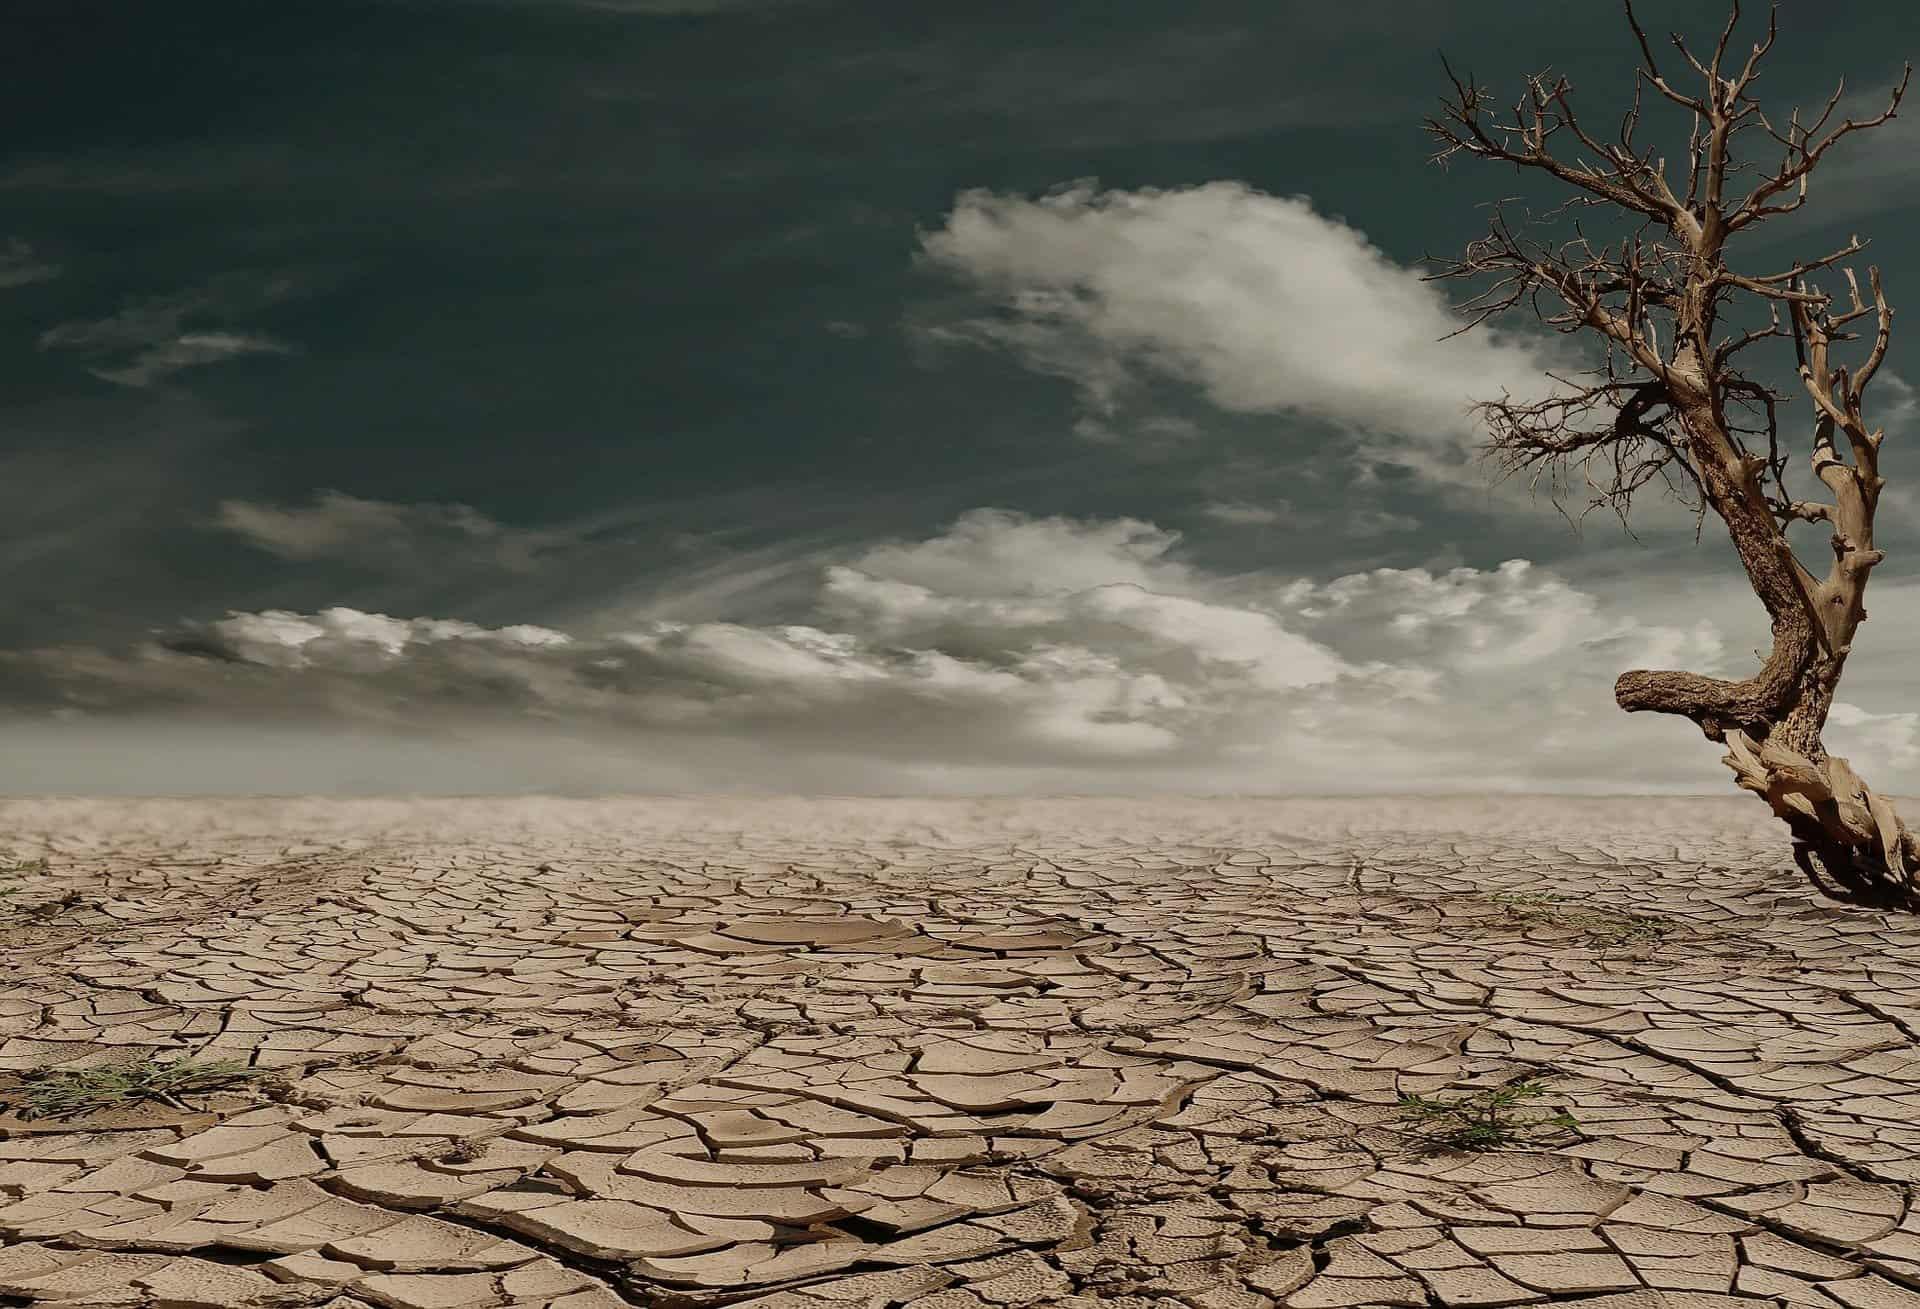 Drought-ravaged land